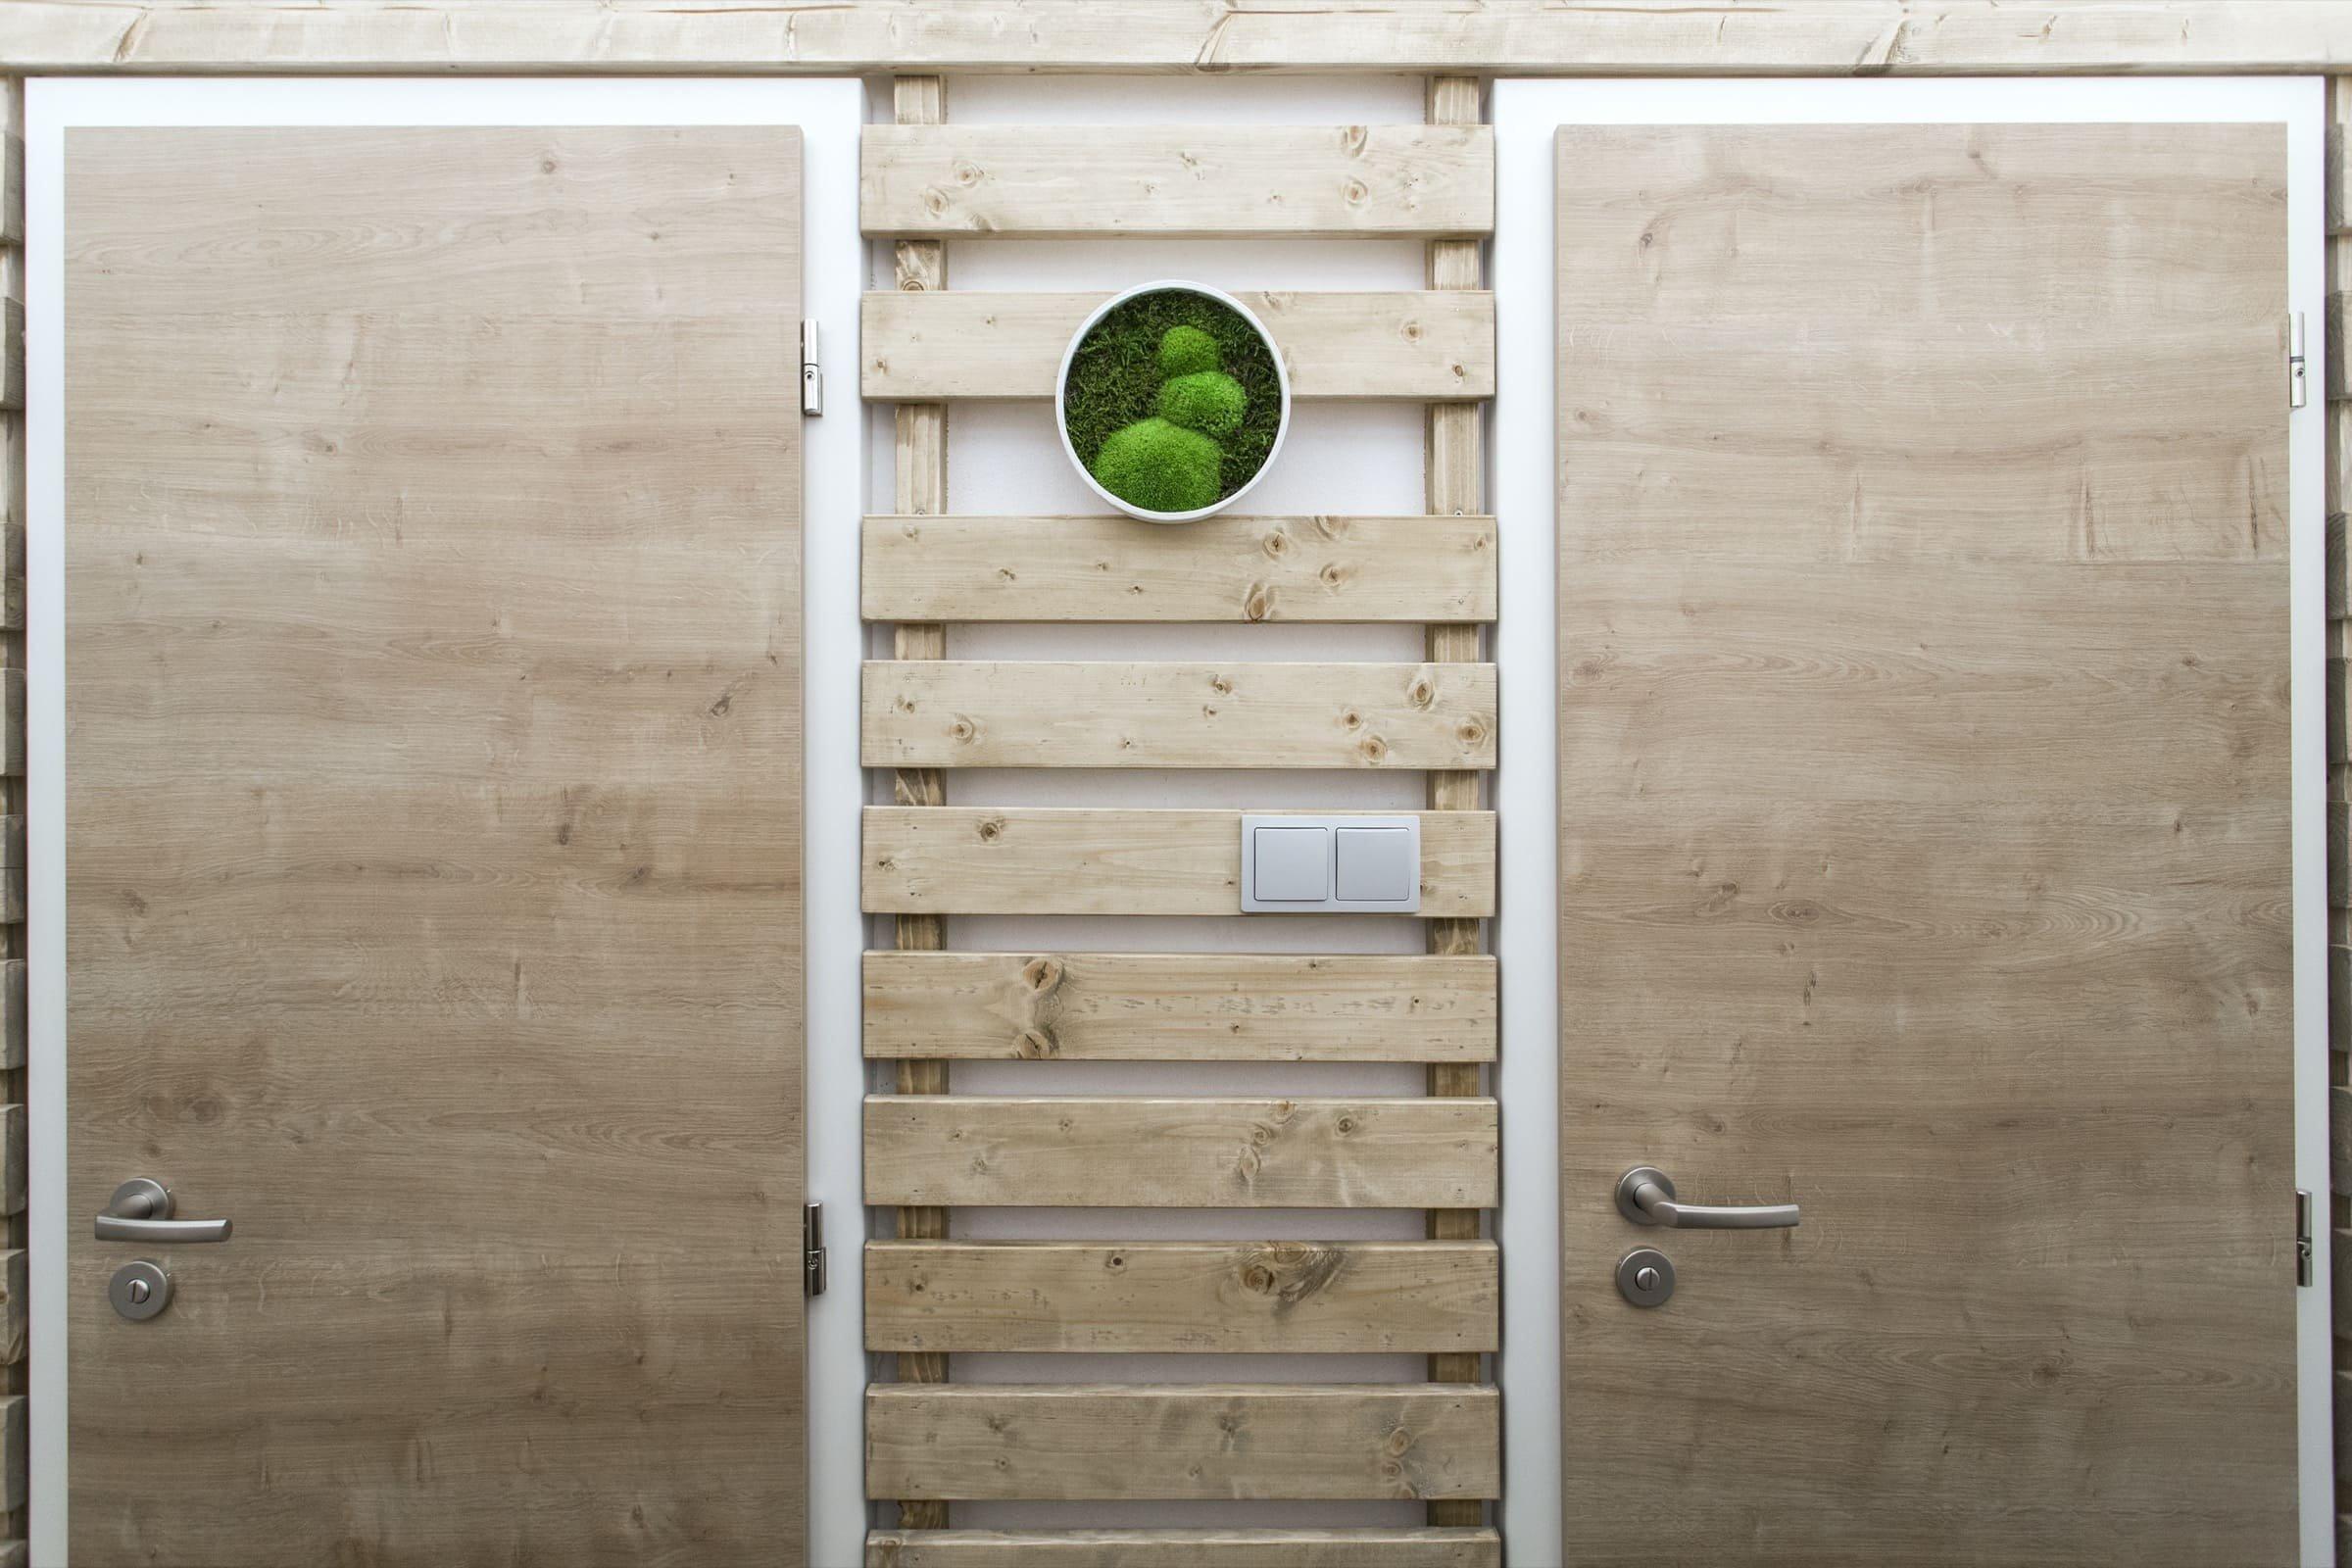 Ekologická proměna bydlení